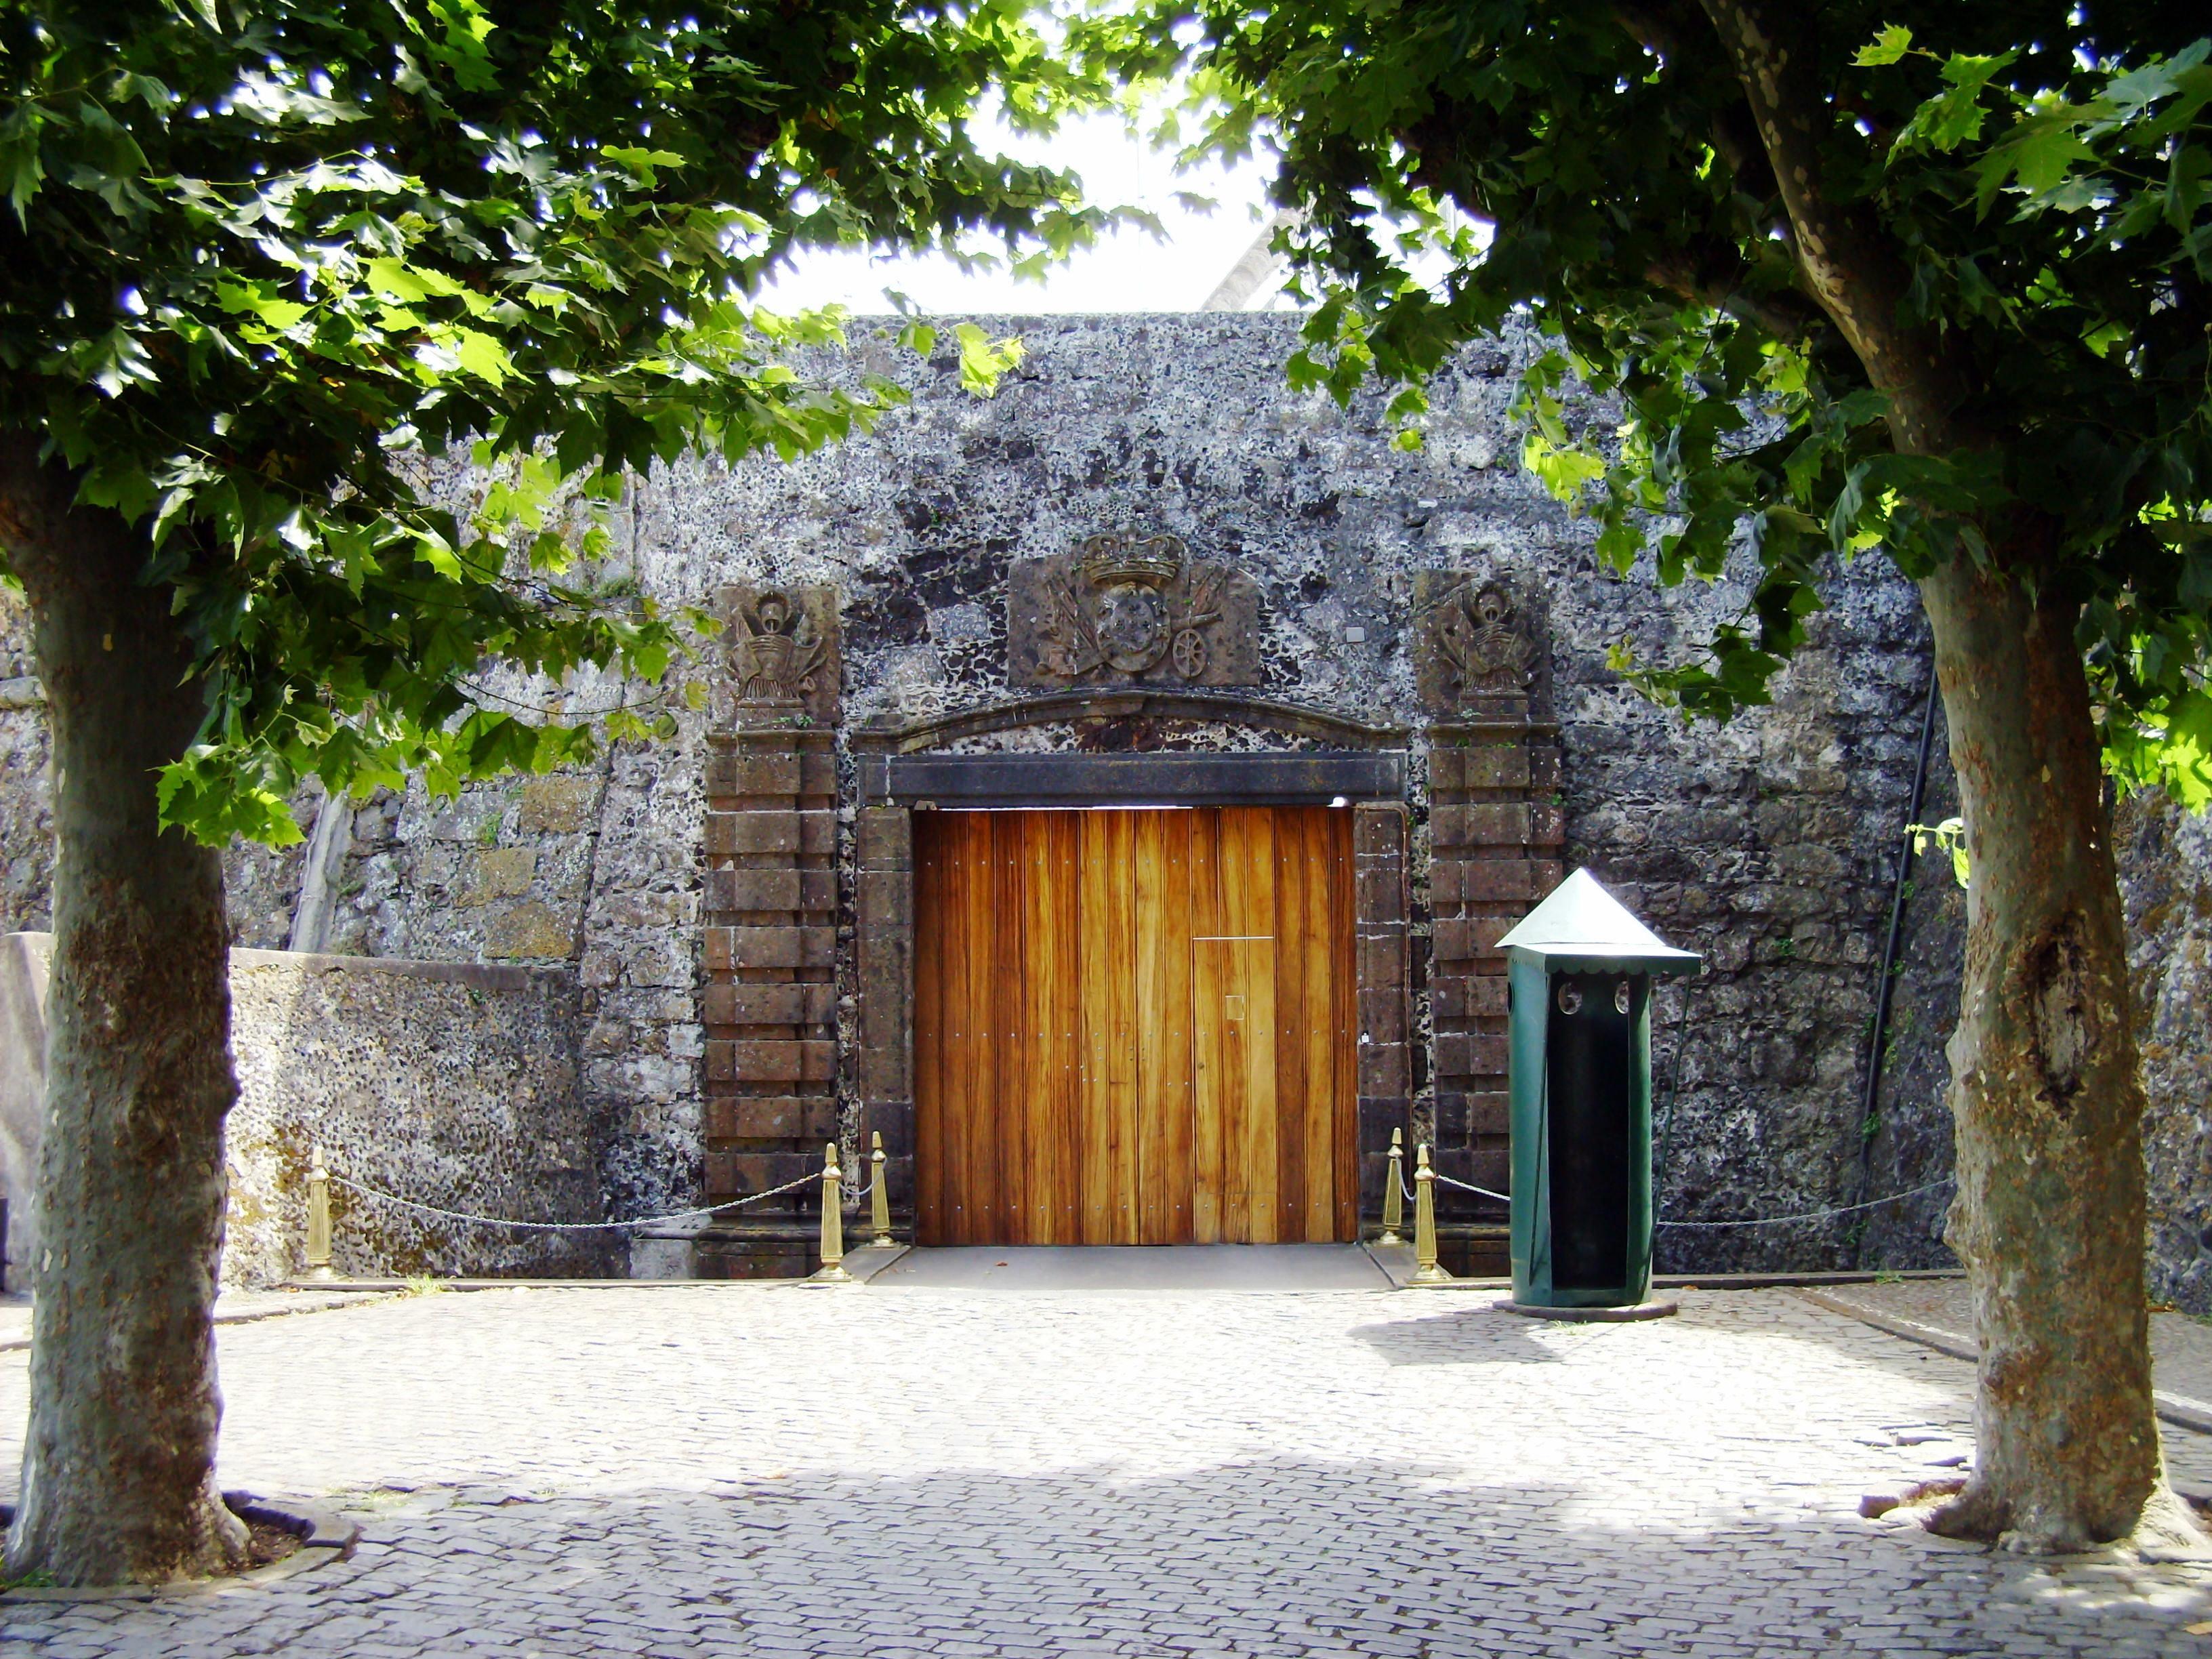 Museu Militar dos Acores